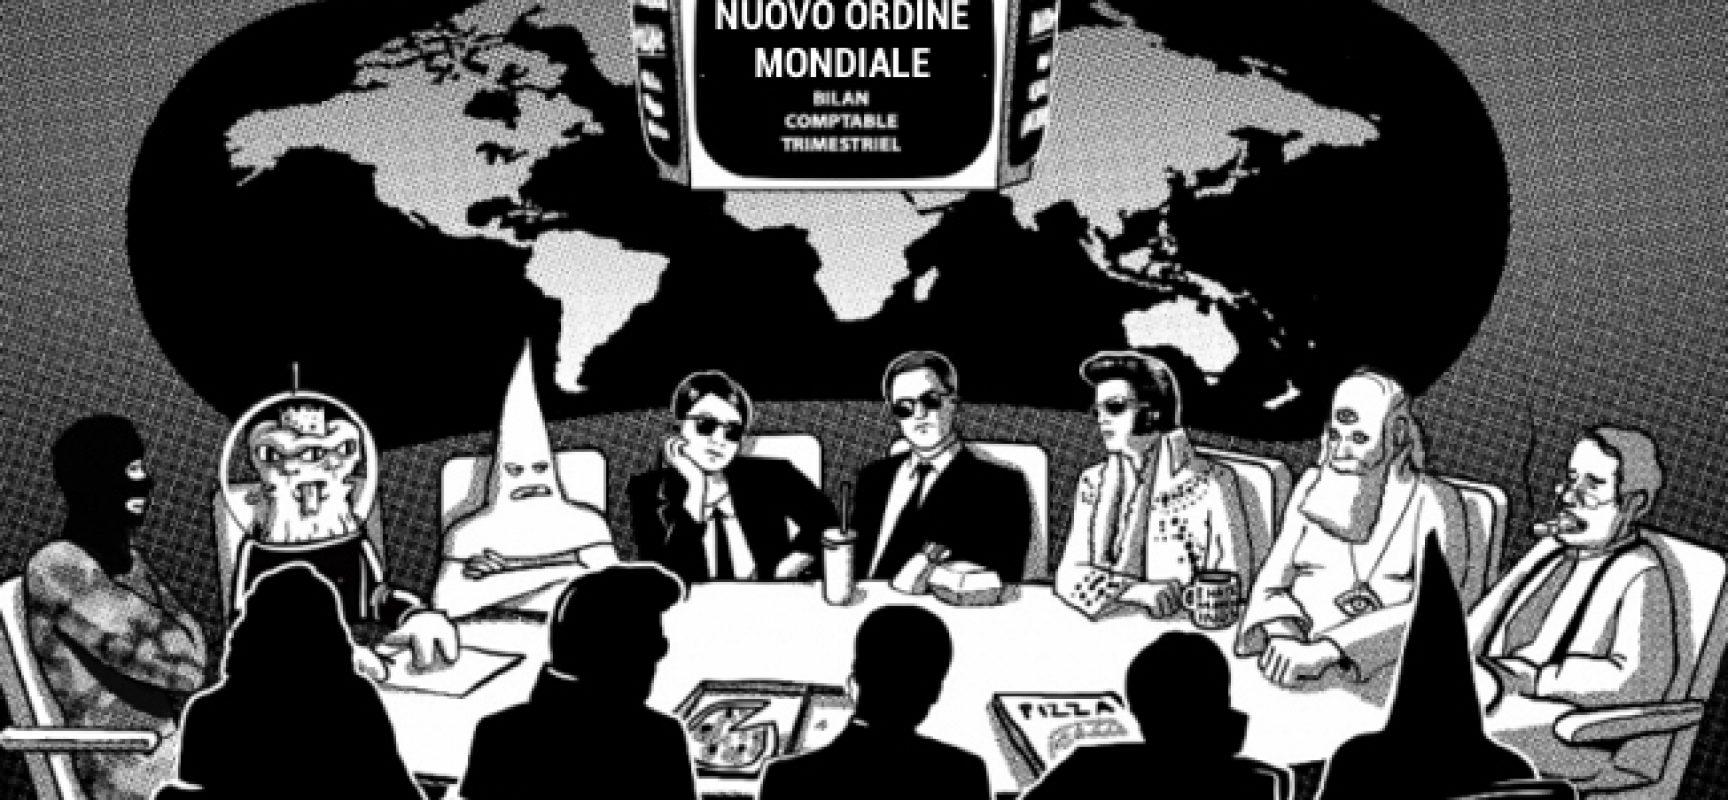 Perchè i governi autoritari amano le teorie cospirazionistiche?